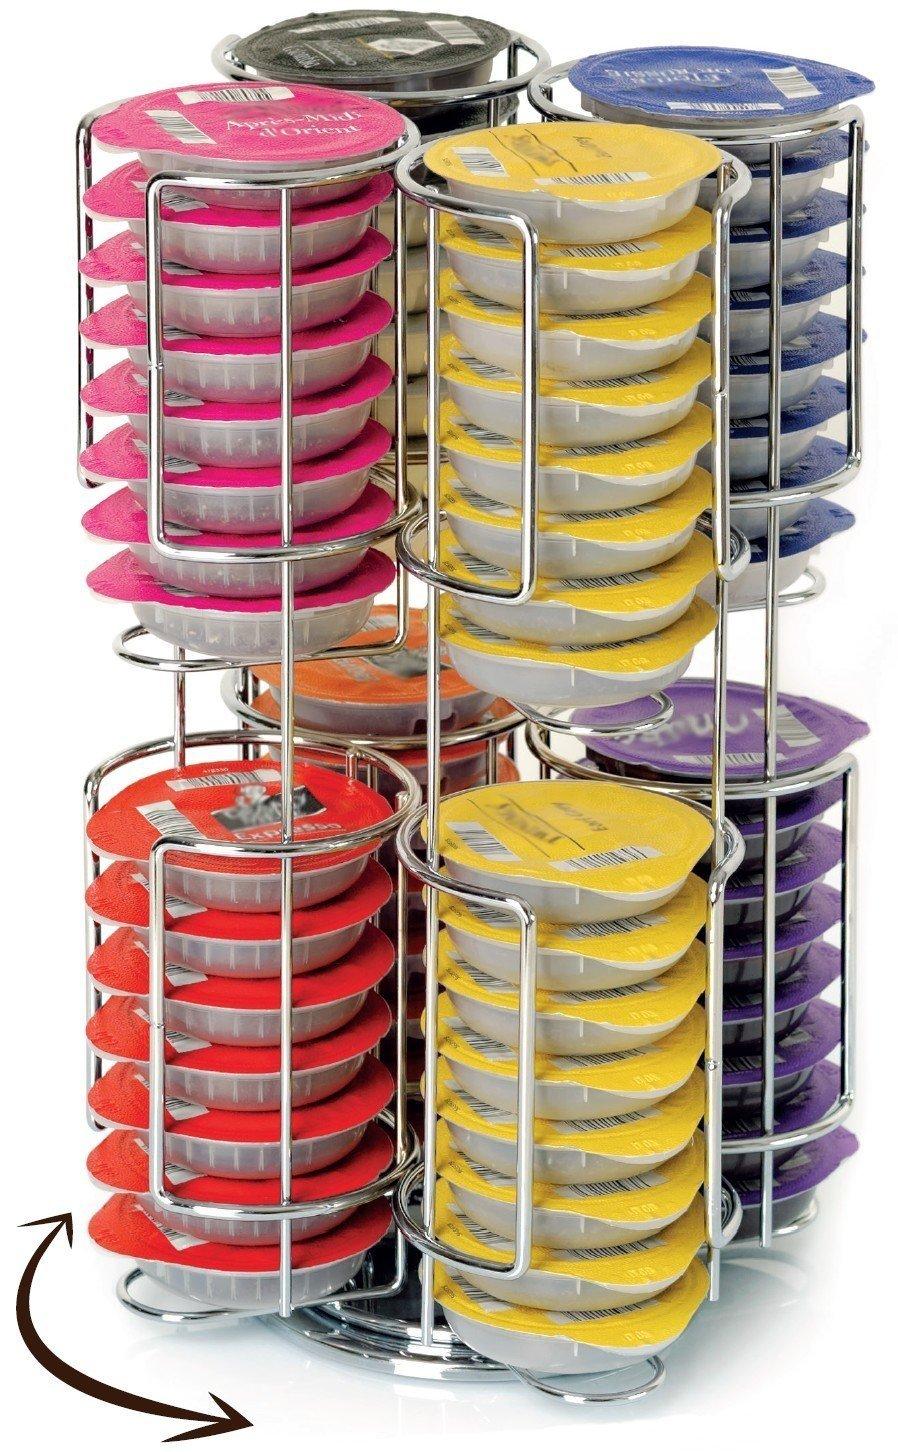 Herramienta para medir (Plata, Color blanco) 64 capsules by RIVENBERT: Amazon.es: Hogar